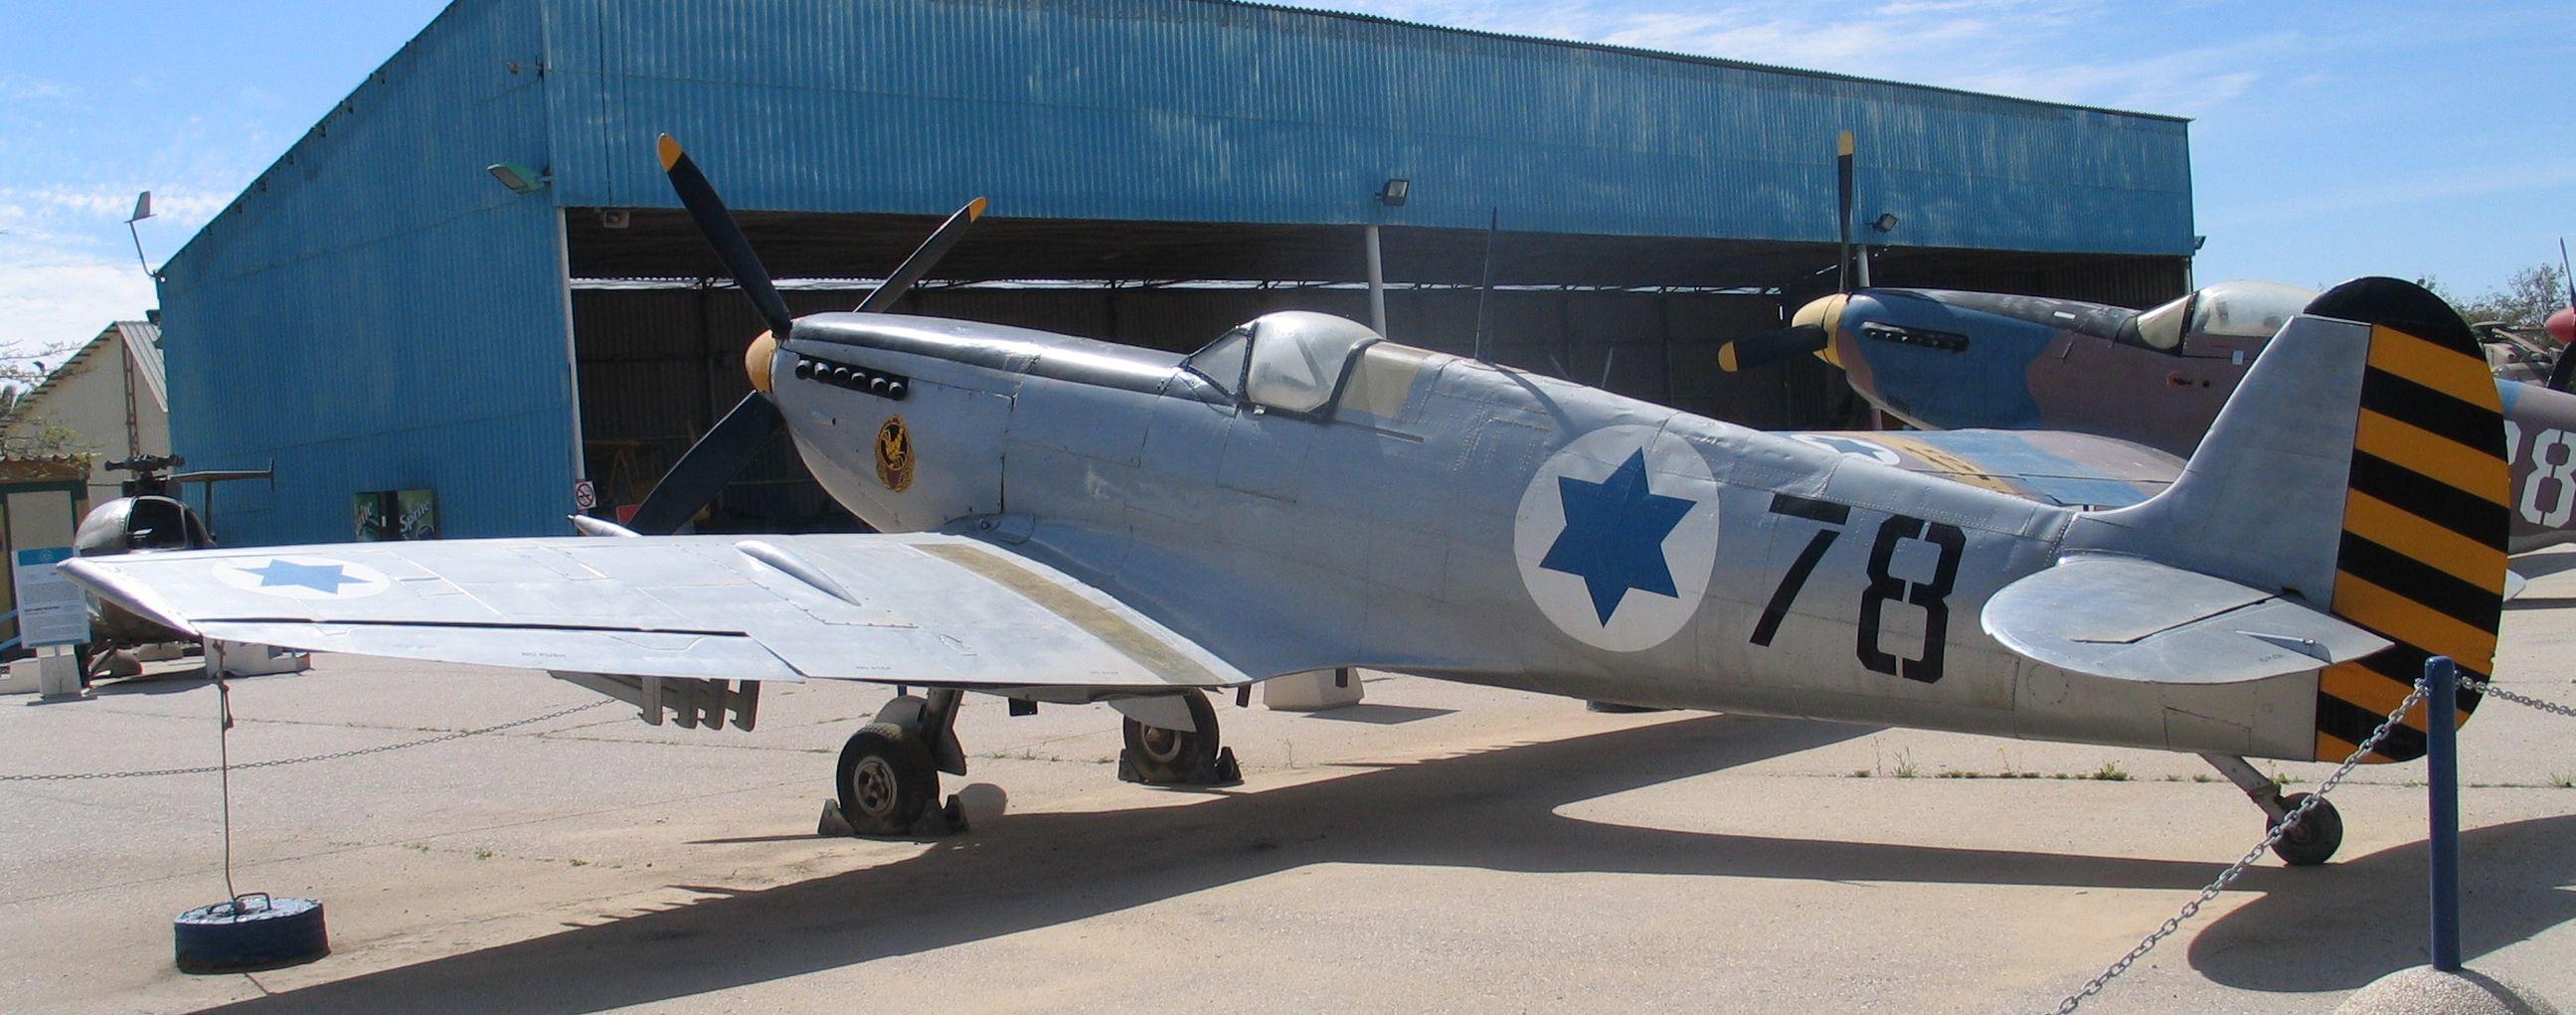 Stg44 Syrien - Page 2 Spitfire-MkIX-hatzerim-1-2